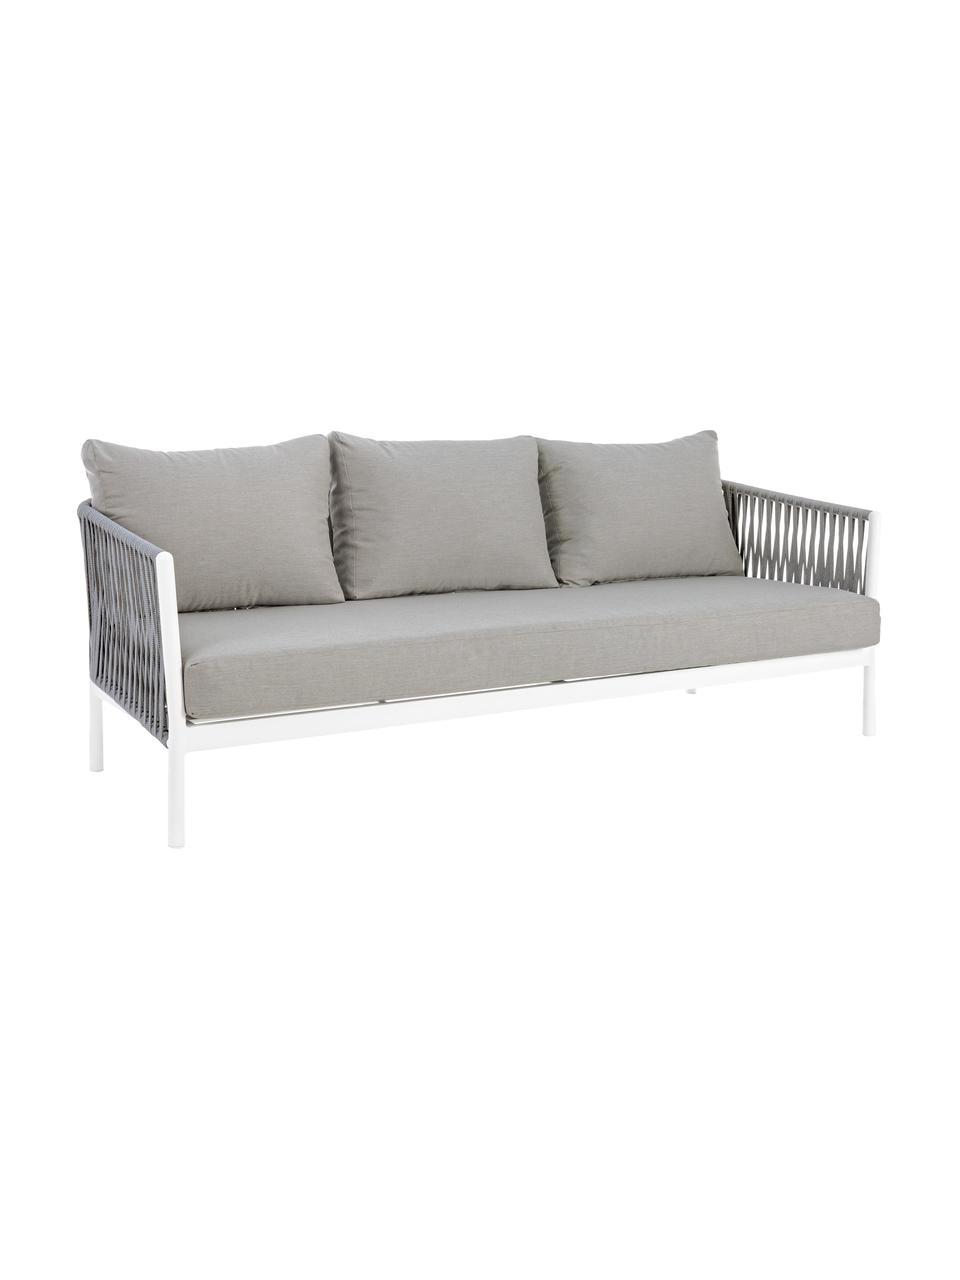 Sofa ogrodowa Florencia (3-osobowa), Stelaż: aluminium, malowane prosz, Szary, biały, S 220 x G 85 cm